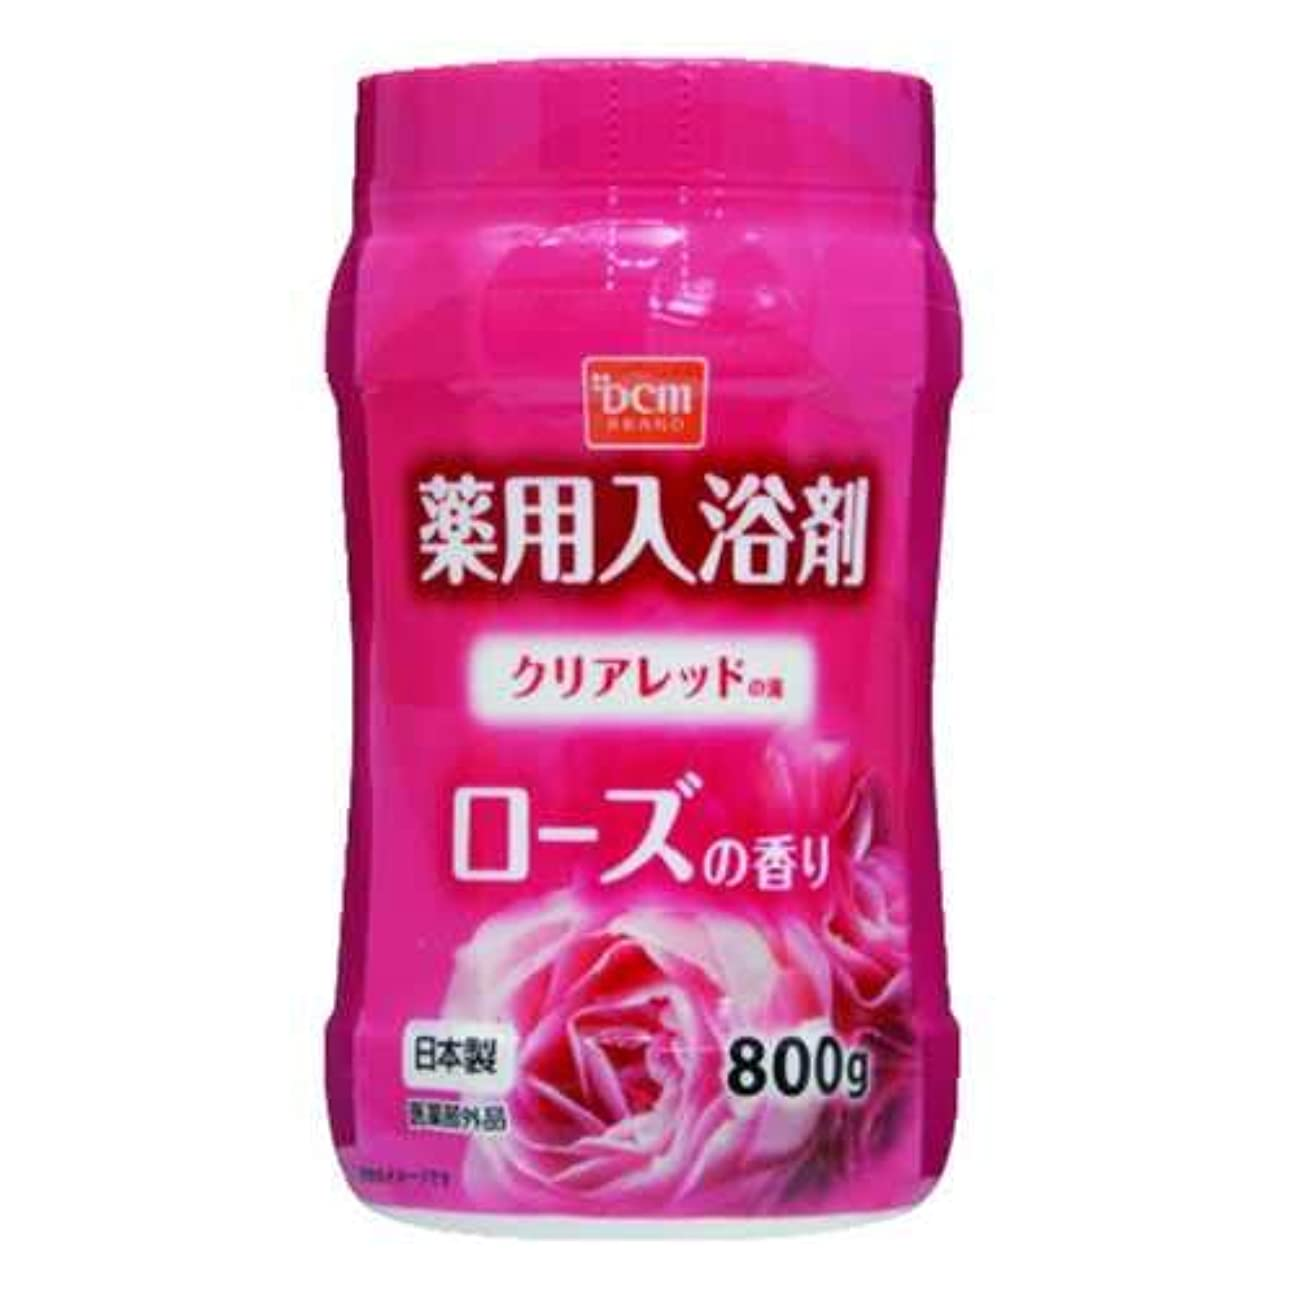 シンカン寄生虫免除するDCM薬用入浴剤 ローズ 800G